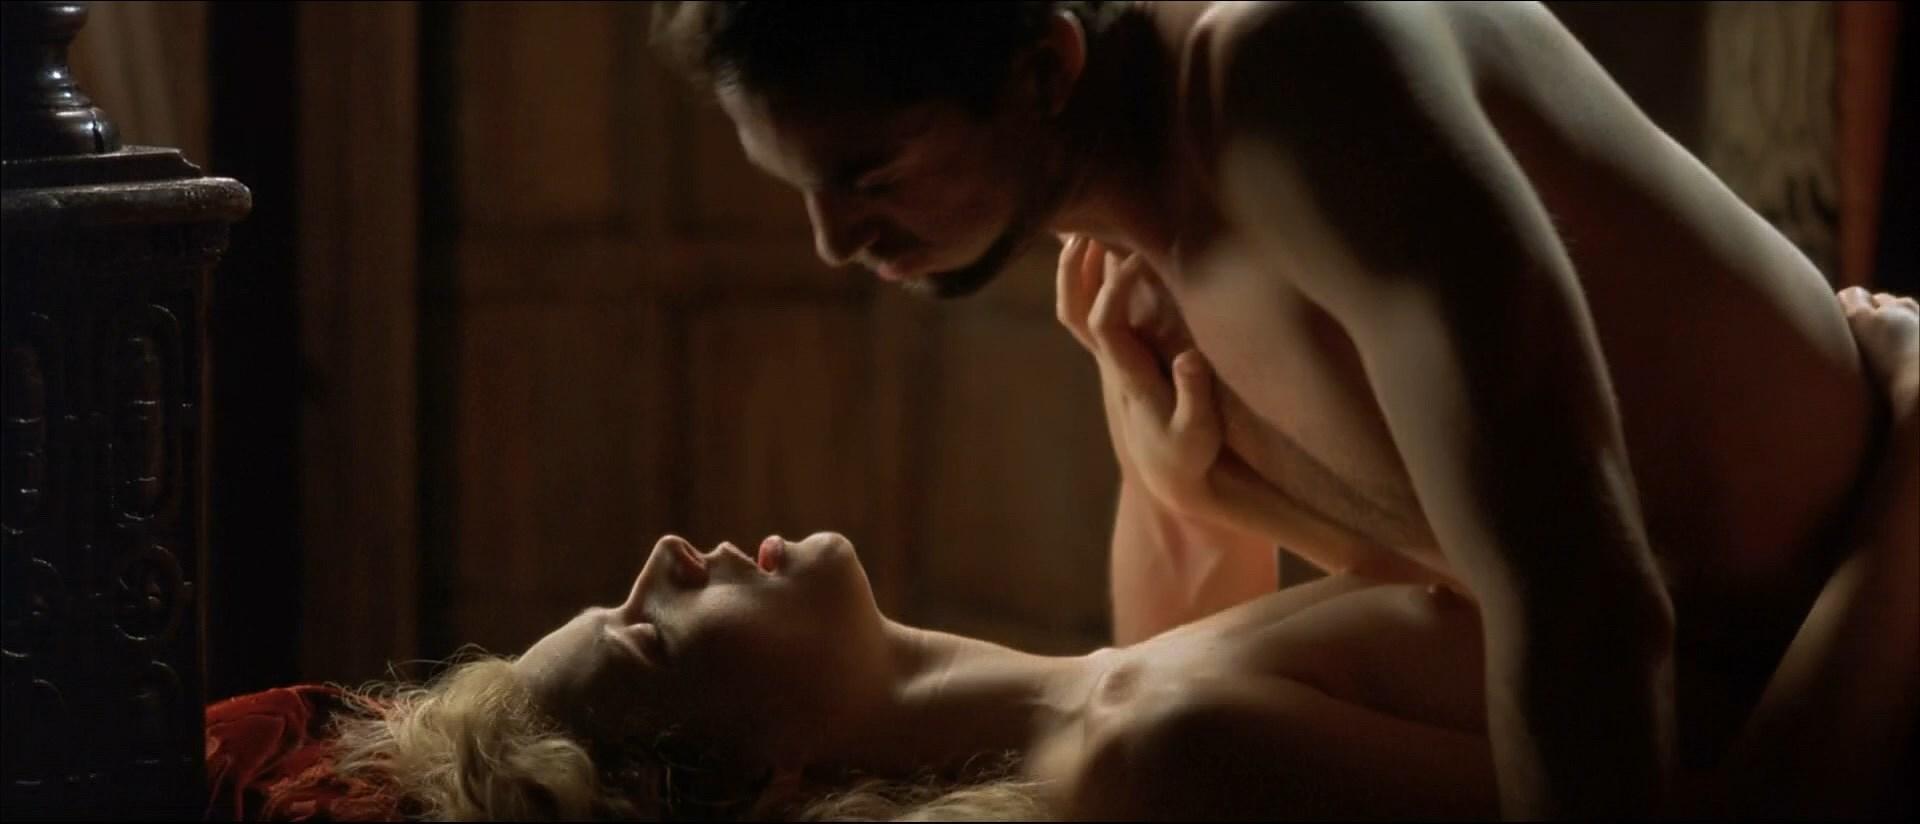 eroticheskaya-stsena-nezhnost-potselui-video-iz-kinofilma-trahnul-popets-foto